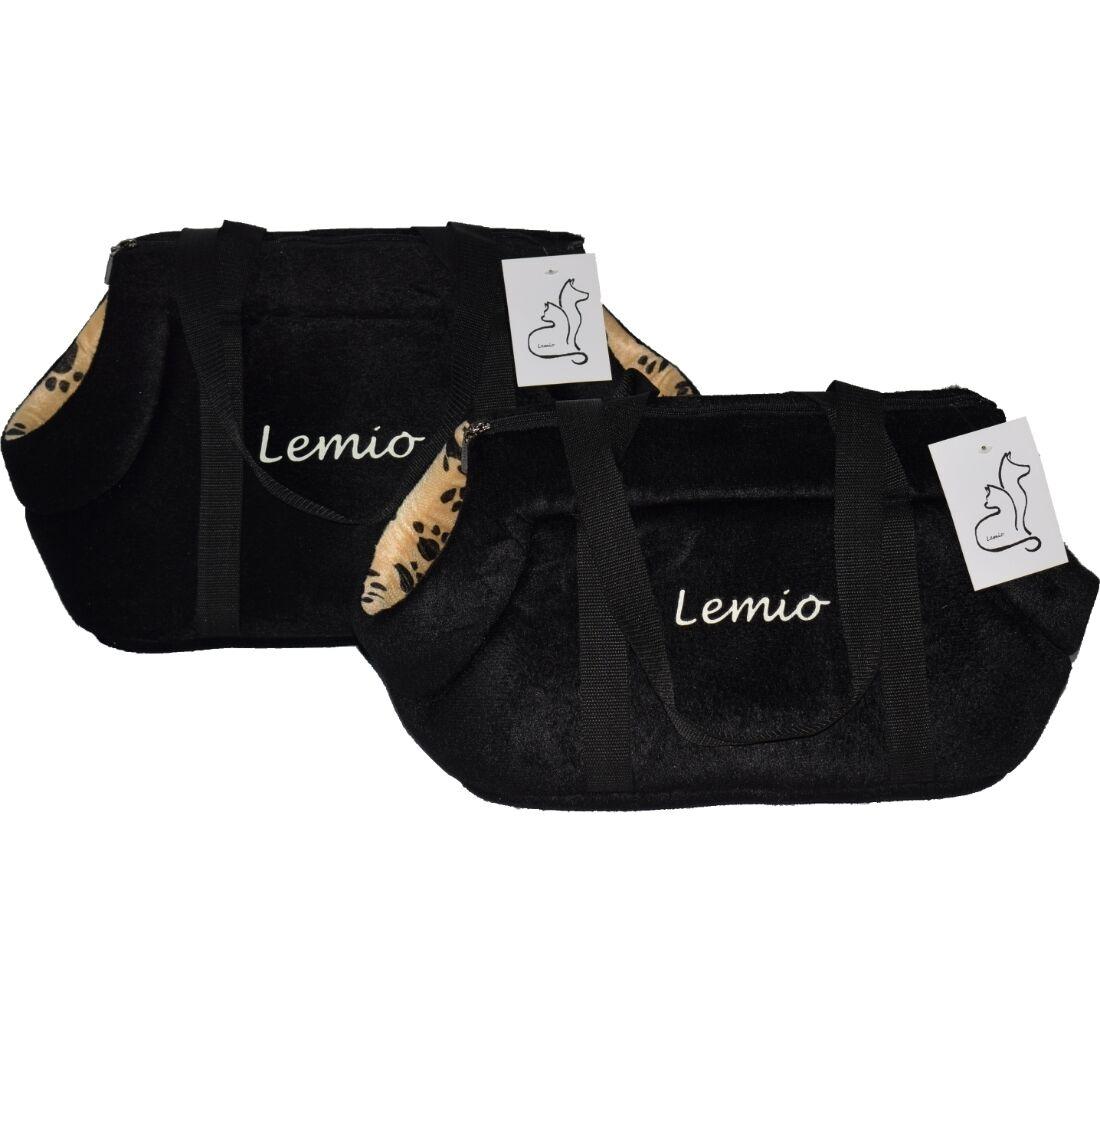 Lemio - Transporttasche / Tragetasche